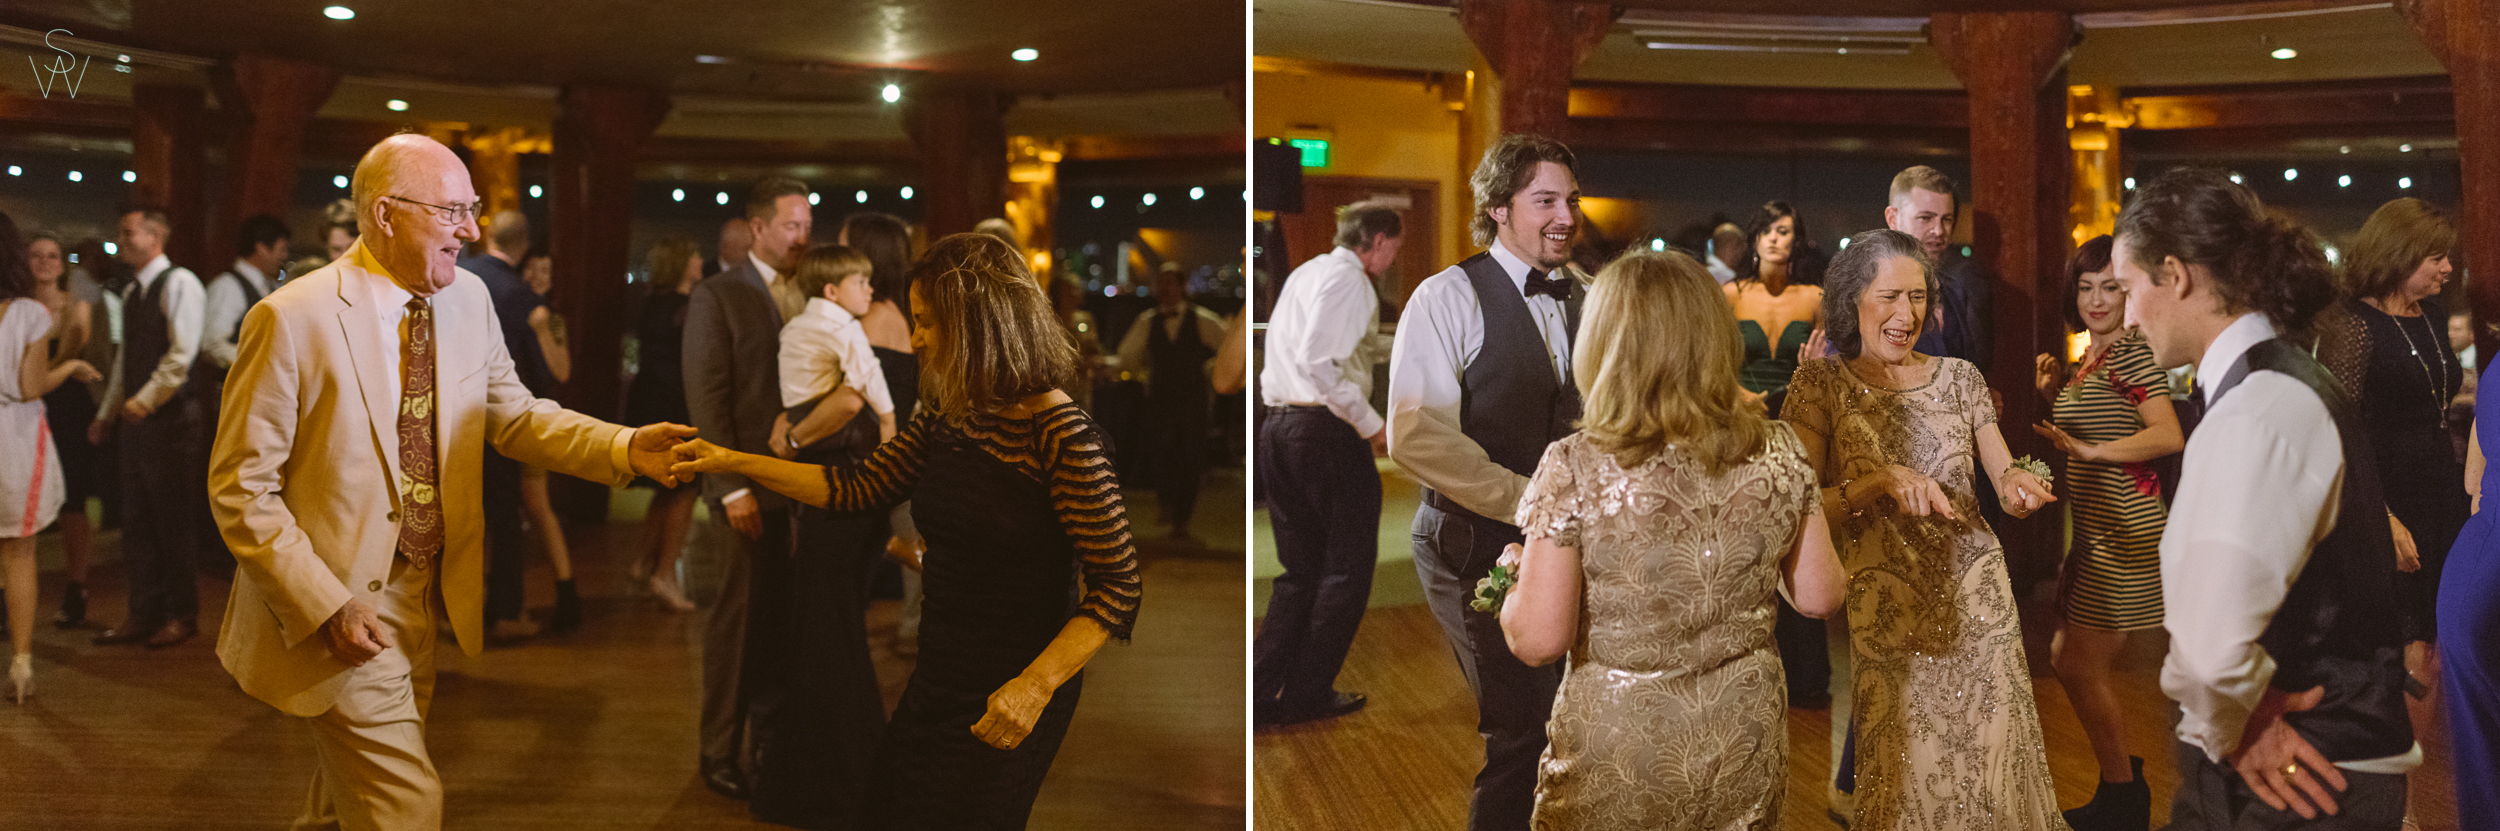 195San.diego.wedding.shewanders.photography.JPG